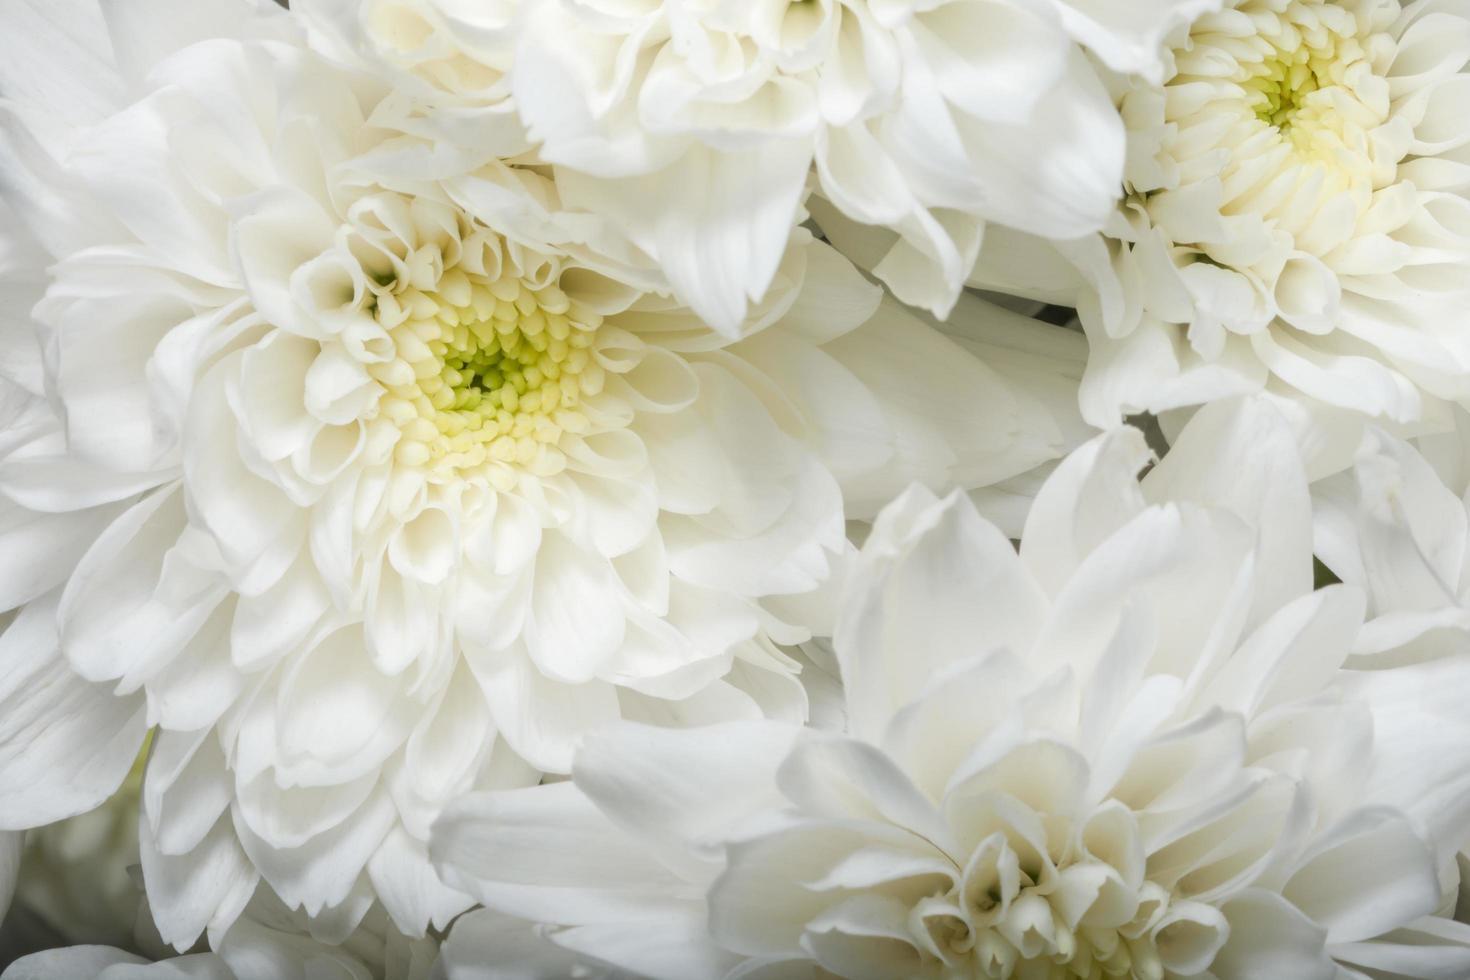 gros plan fleur blanche chrysanthème photo